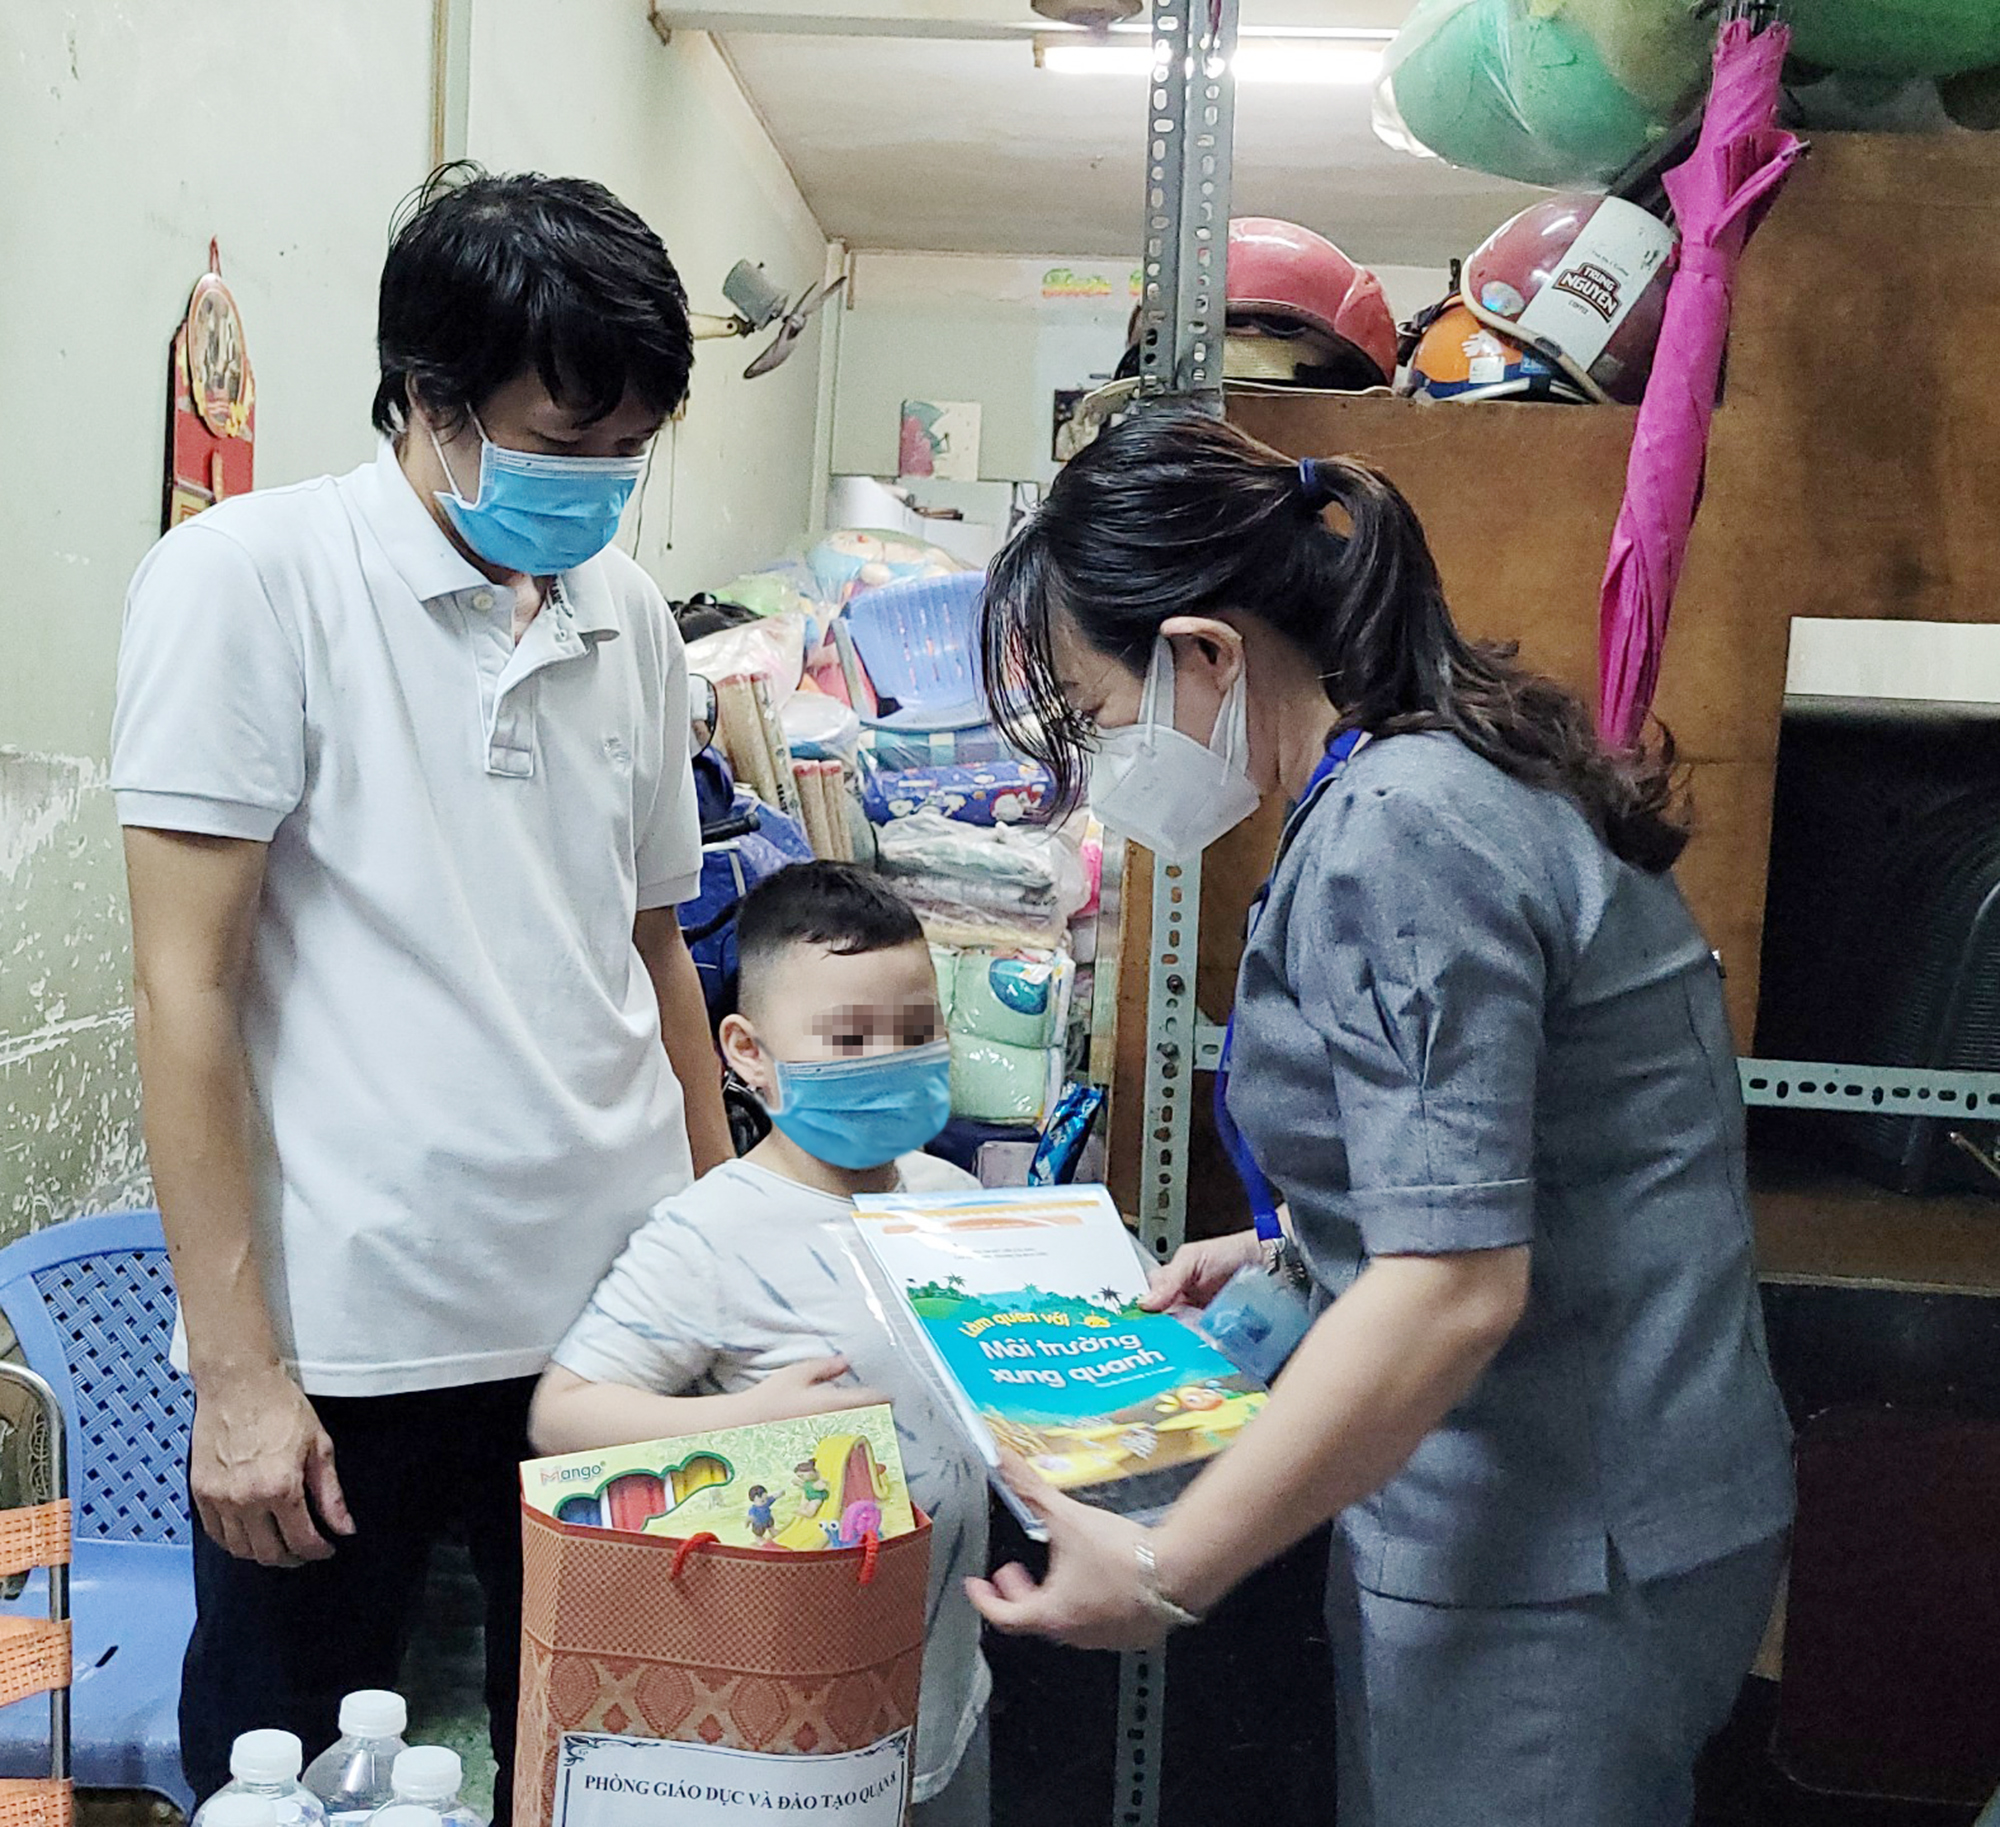 Đai dịch khốc liệt tại TP Hồ Chí Minh 1: Quặn lòng những đứa trẻ chờ mẹ trong tuyệt vọng - Ảnh 6.